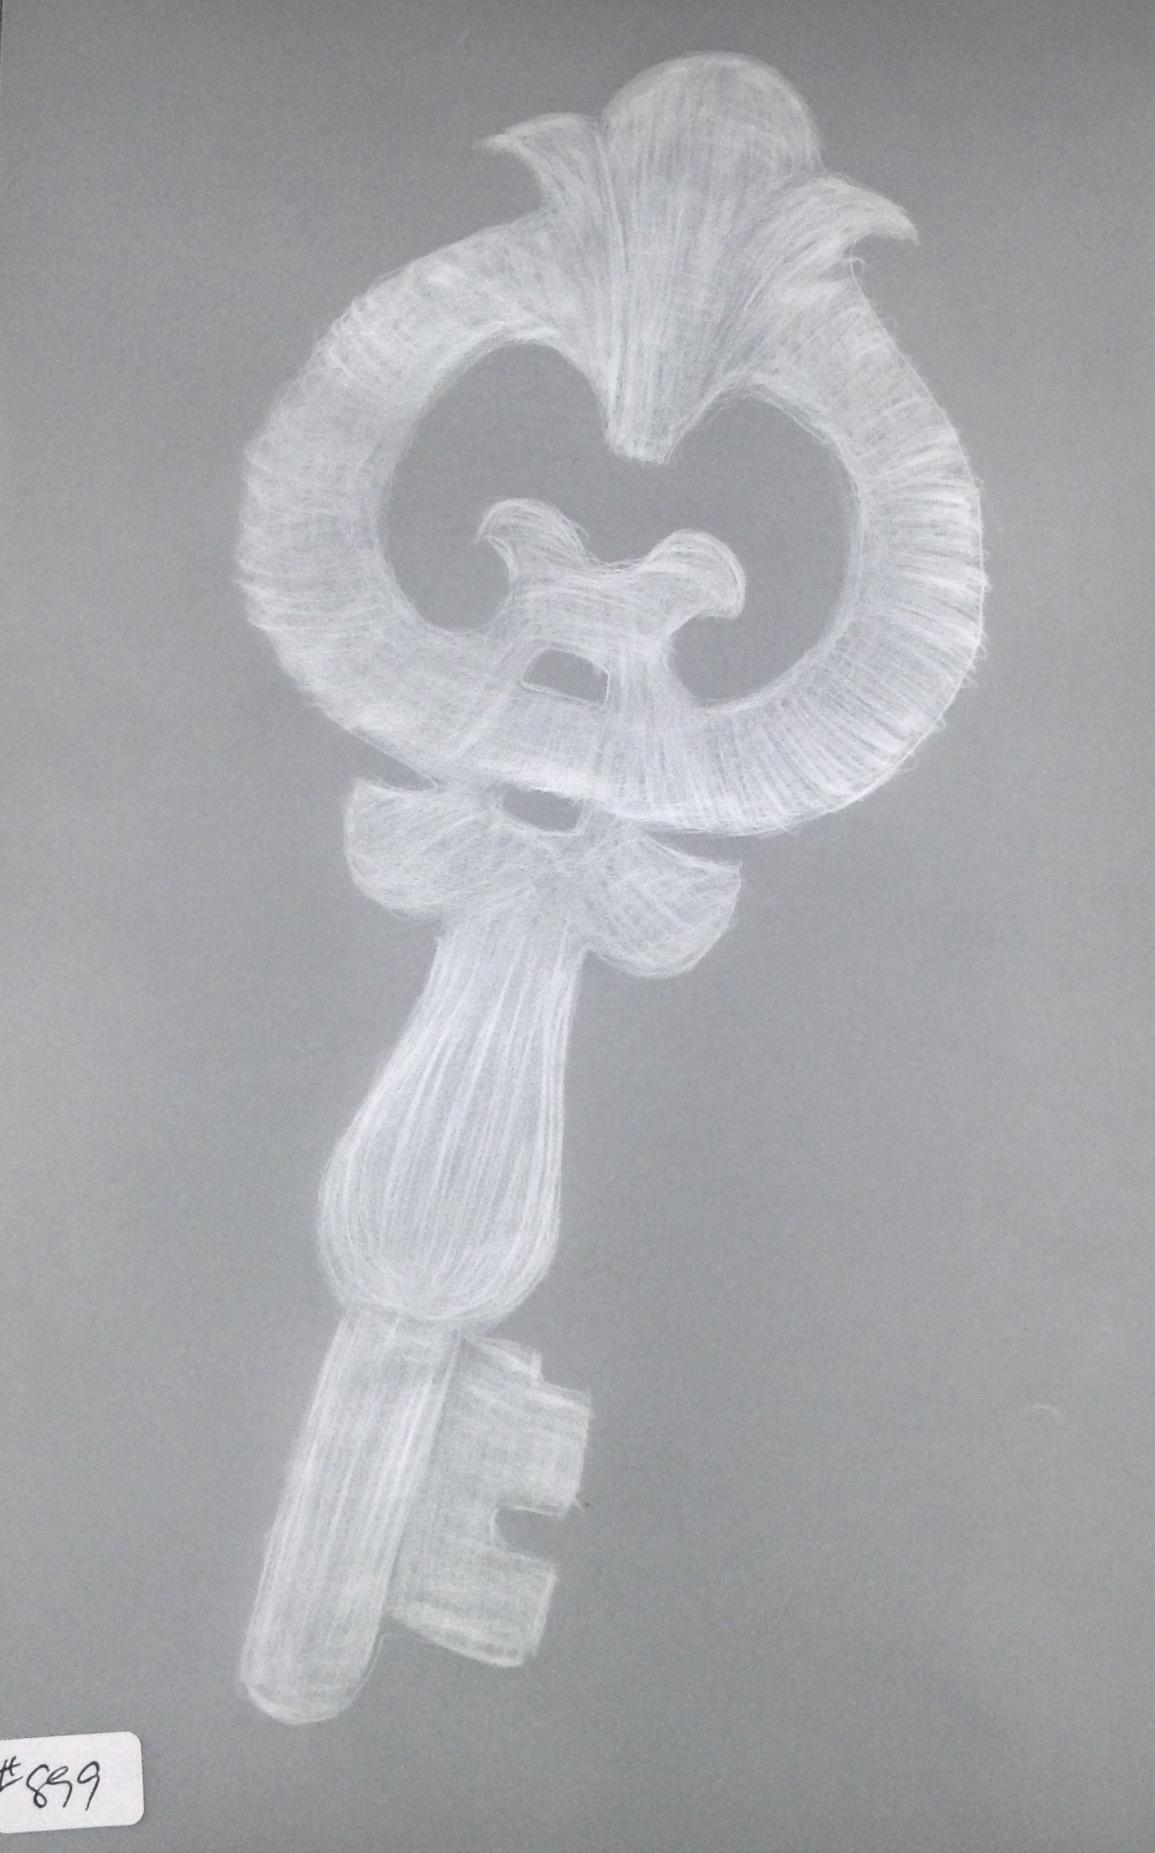 Key 899